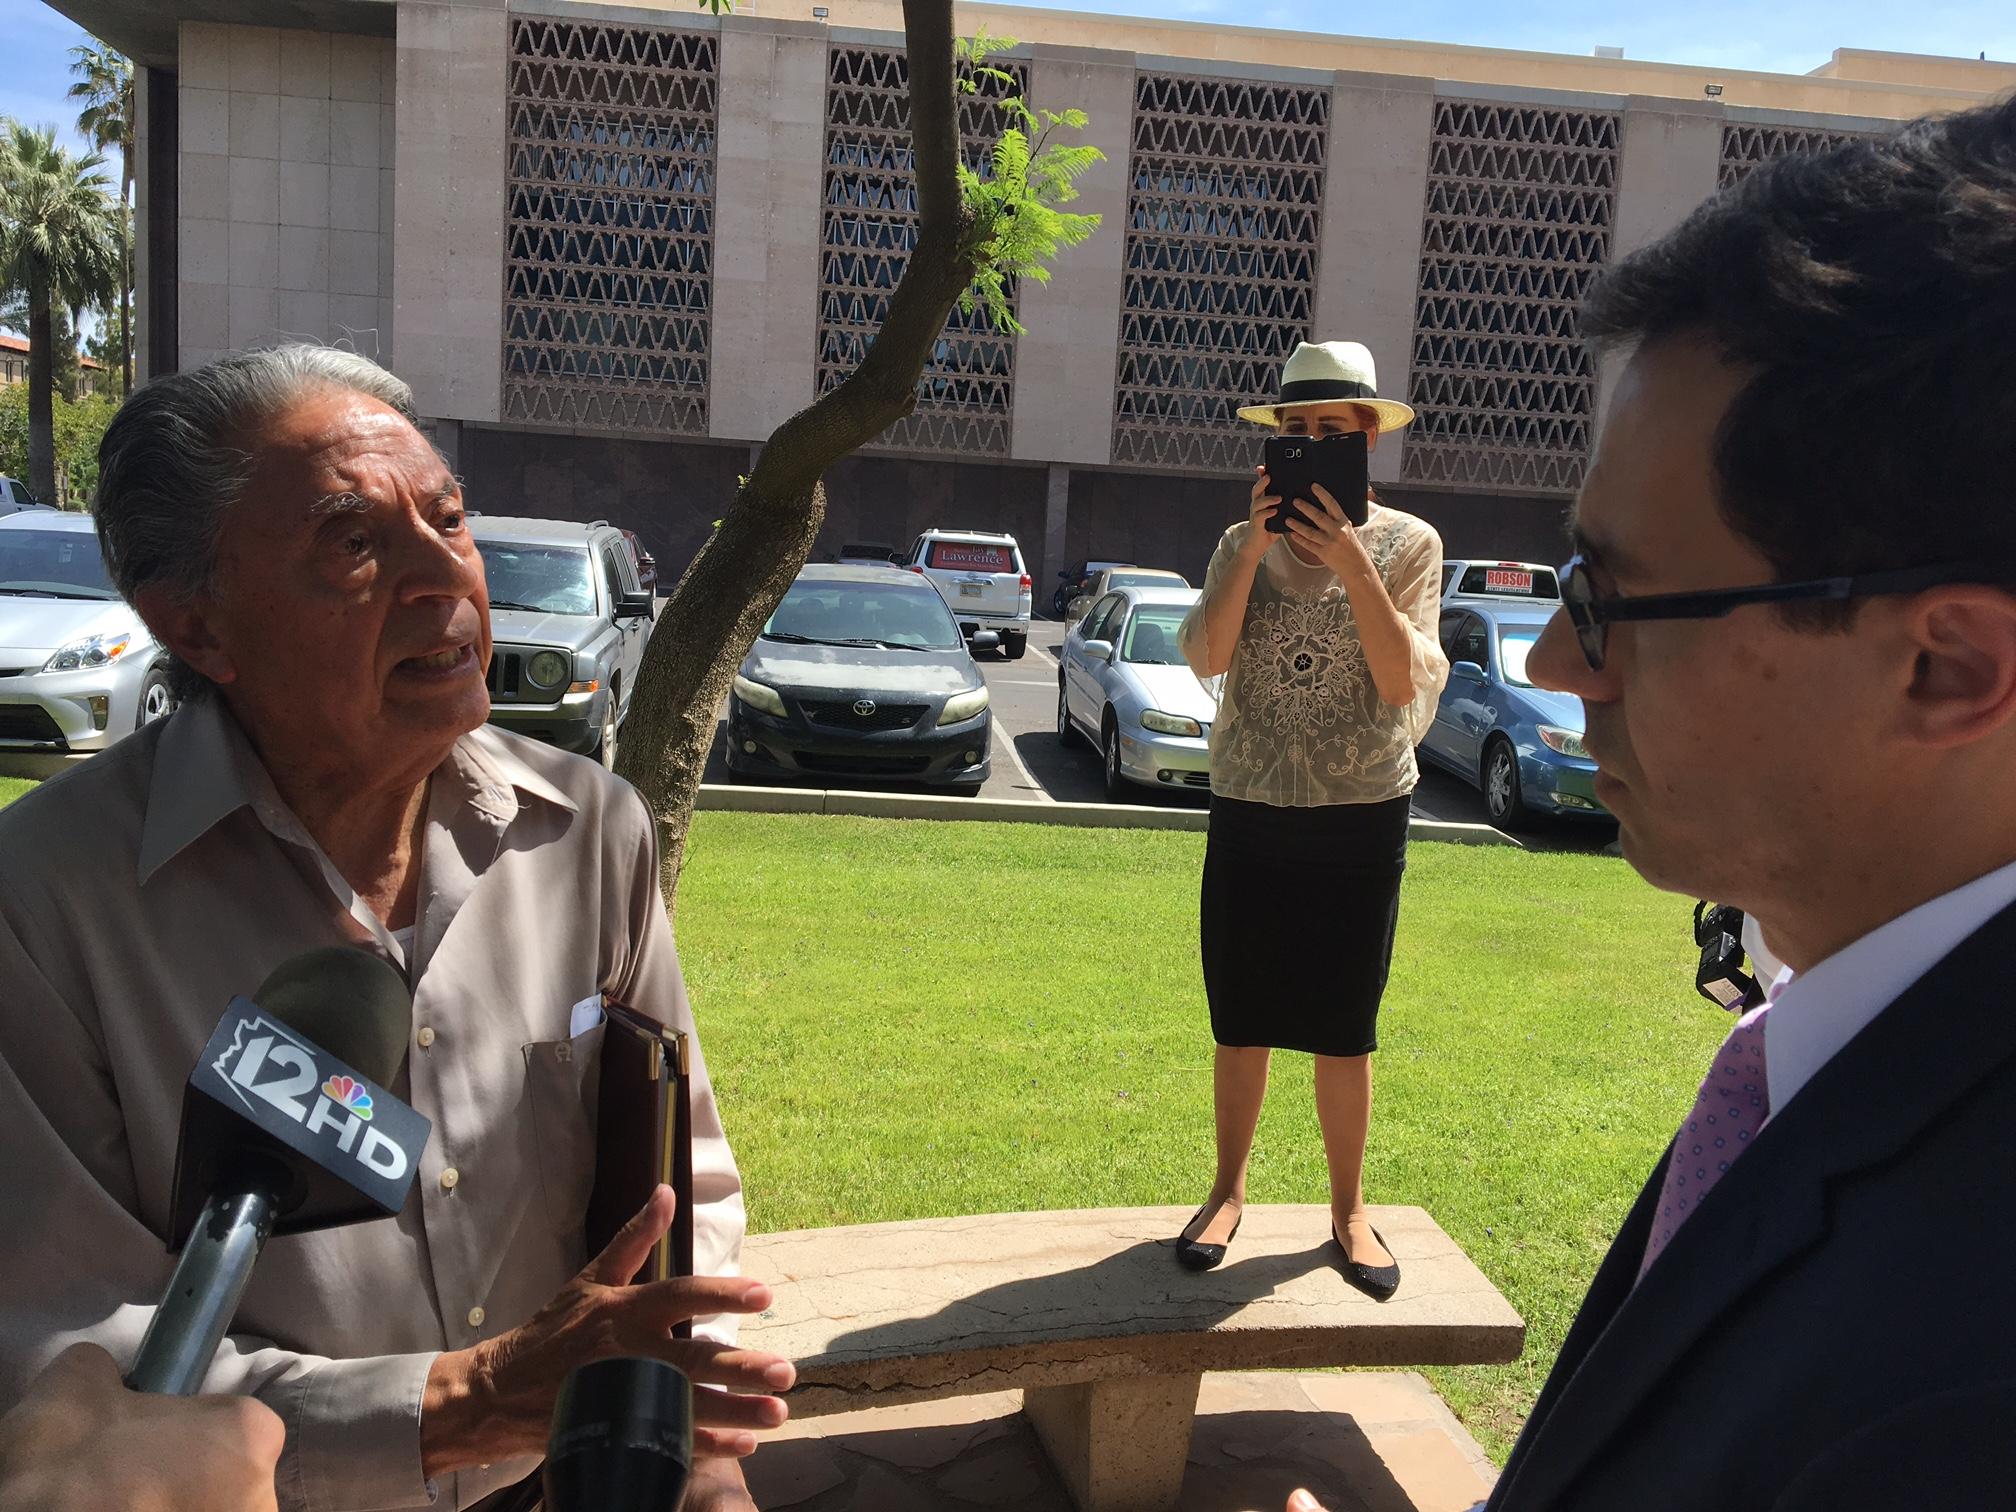 Roberto Reveles presidente fundador de Somos America (derecha de la foto) y Glenn Hamer presidente de la Cámara de Comercio de Arizona. Foto: Valeria Fernández.